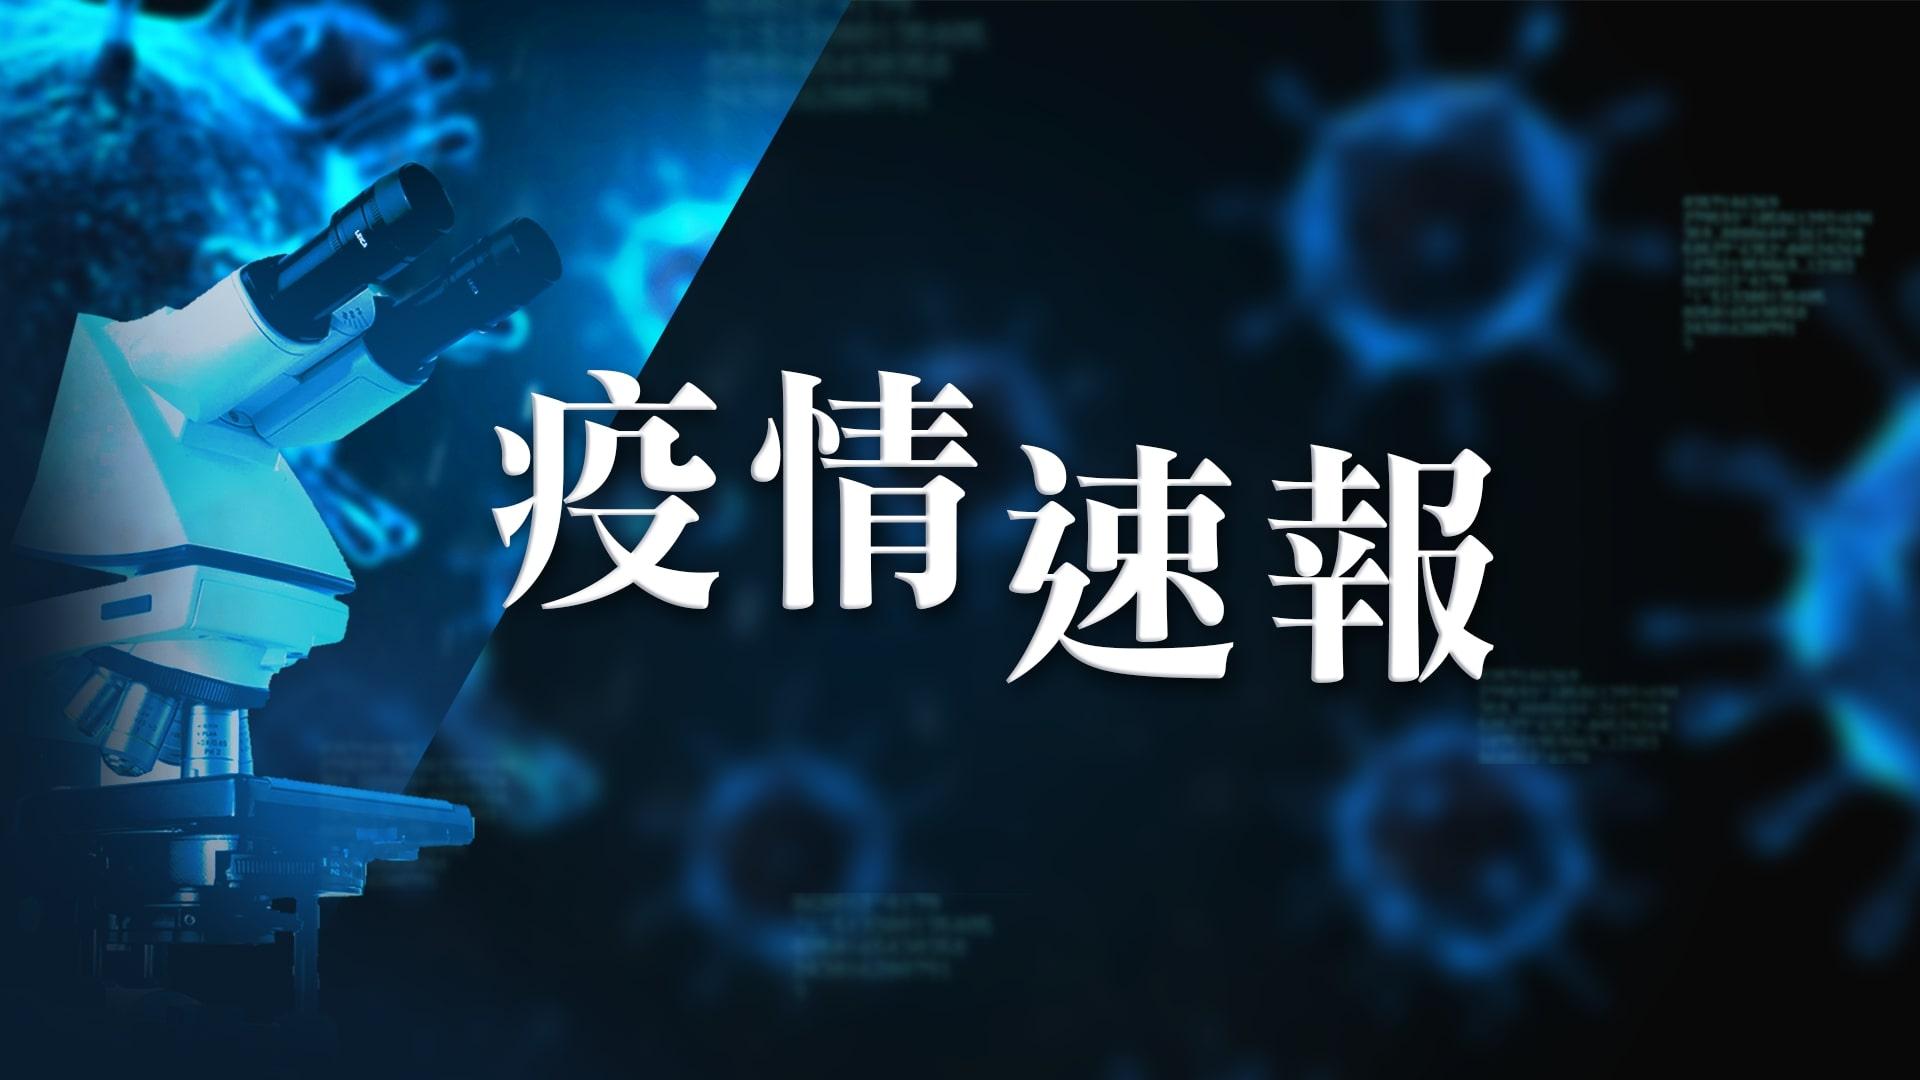 【10月23日疫情速報】(21:40)